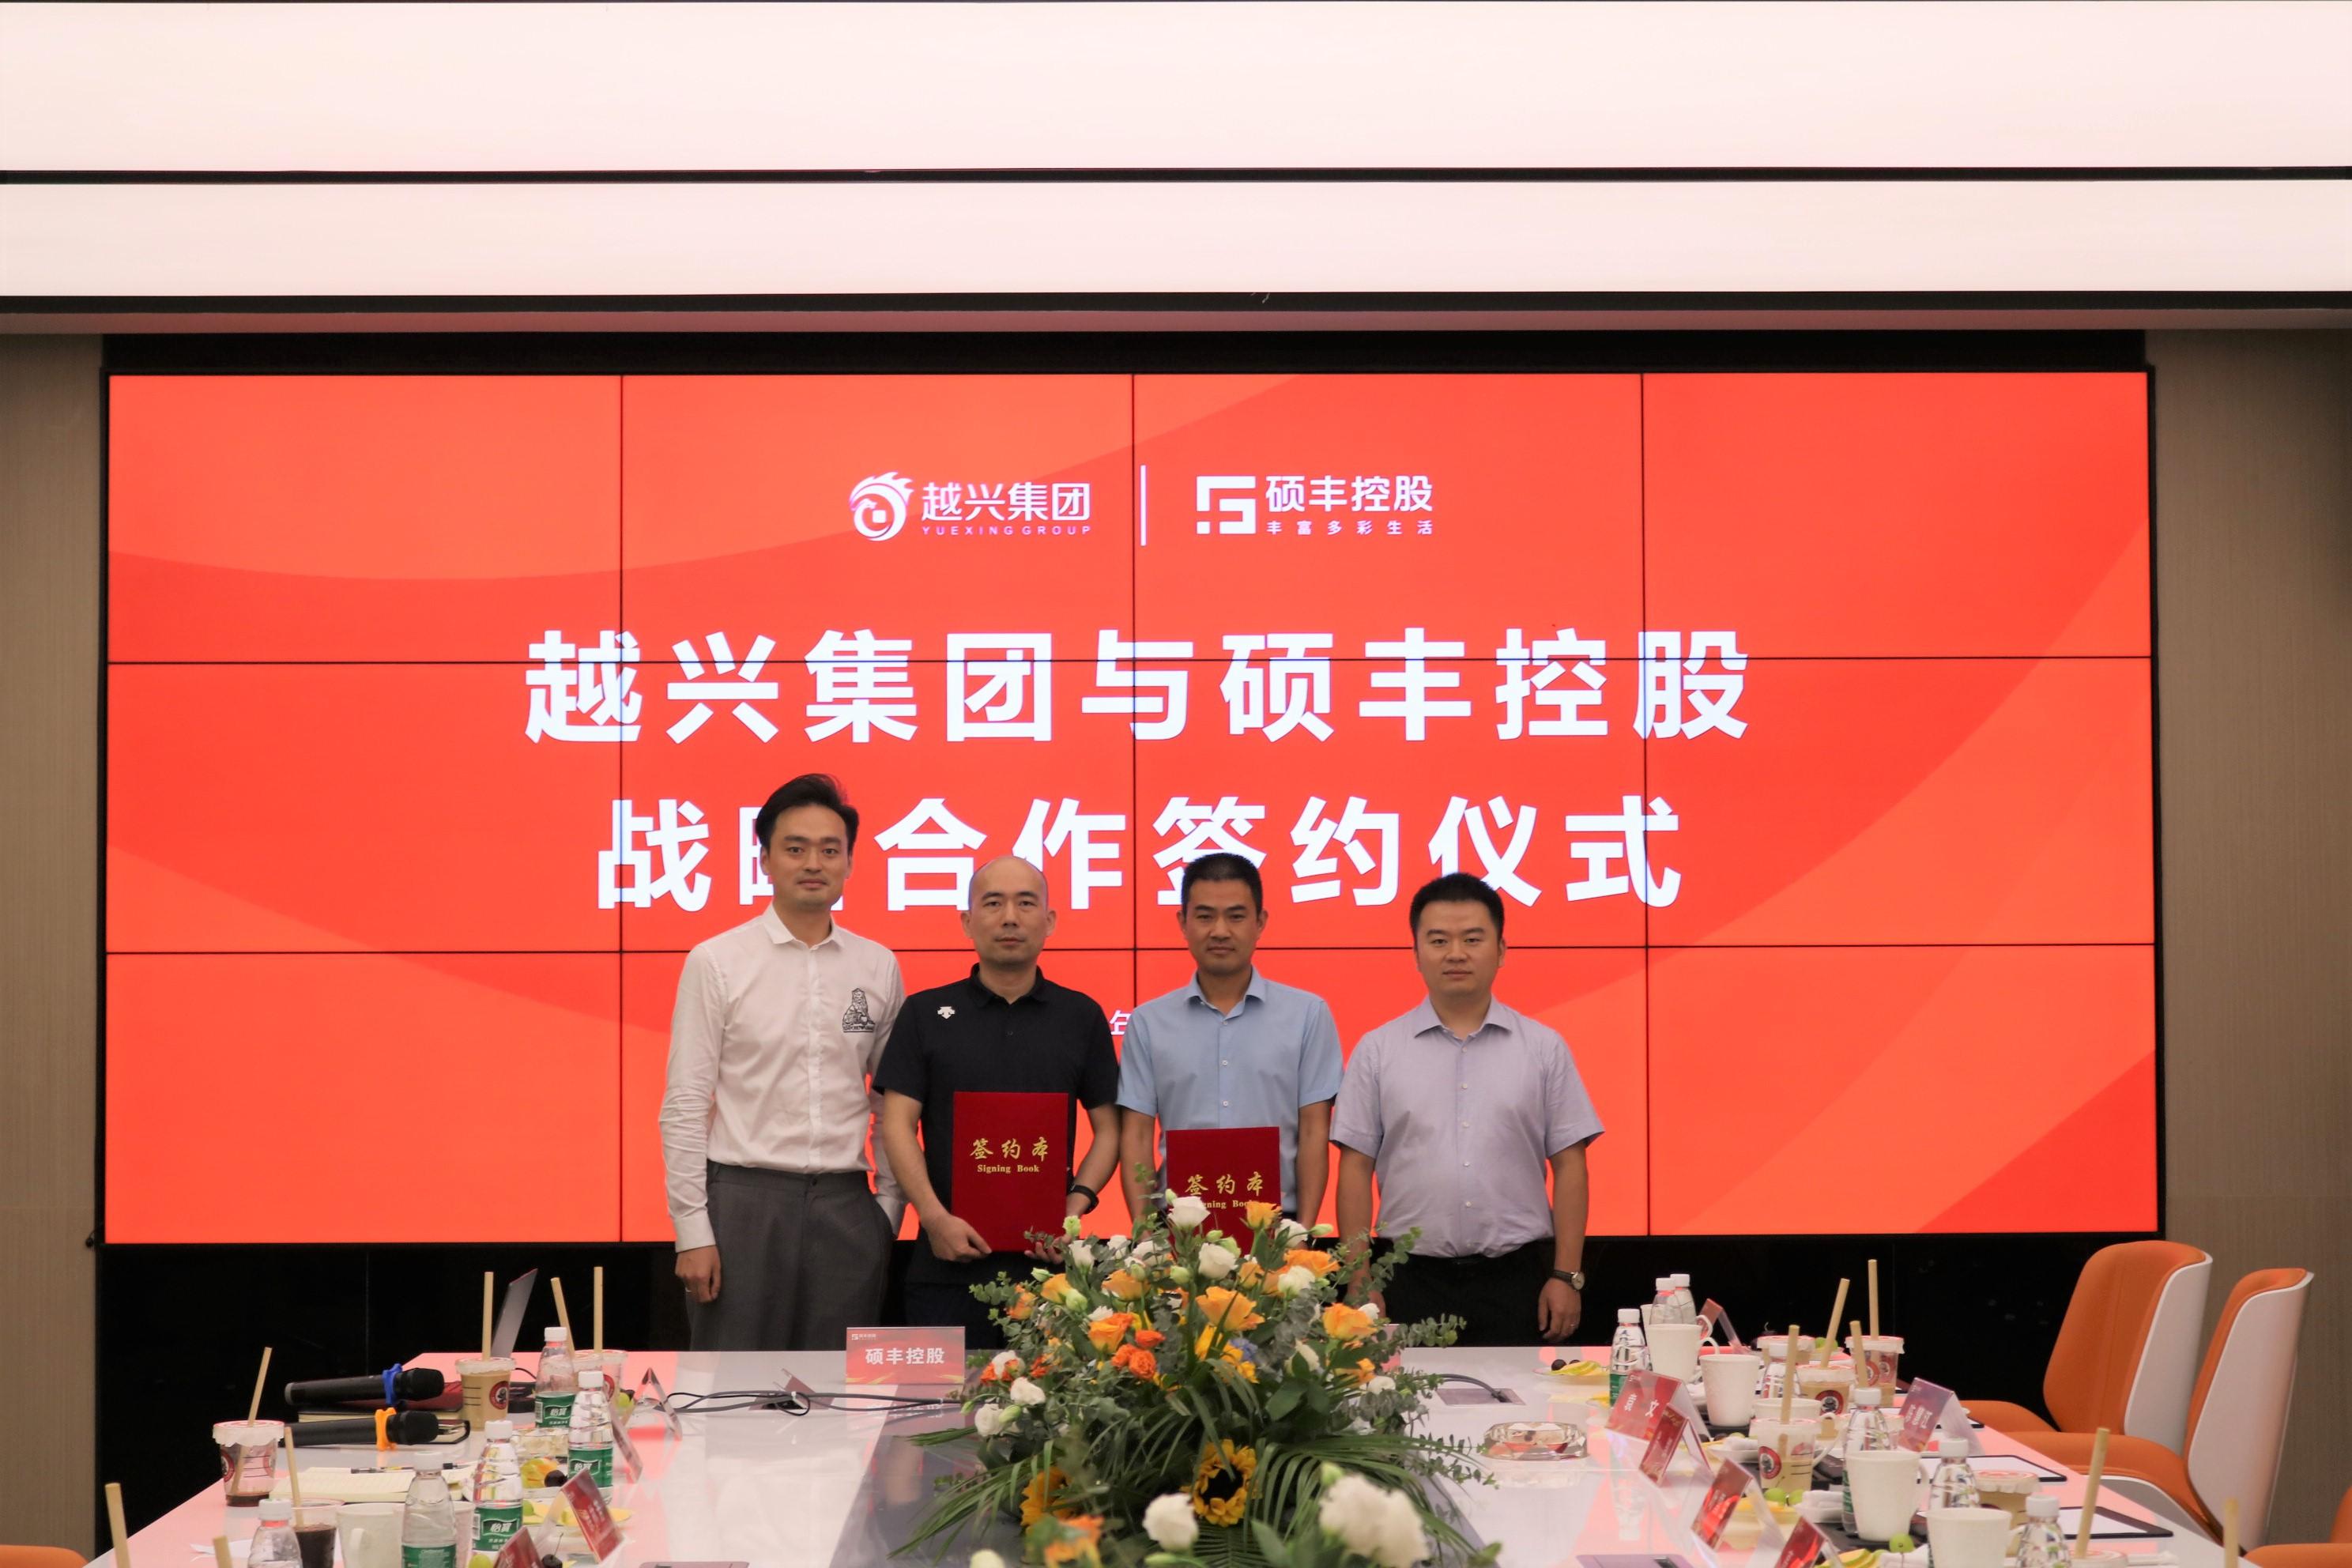 和合共赢   越兴集团与硕丰控股签署战略合作协议